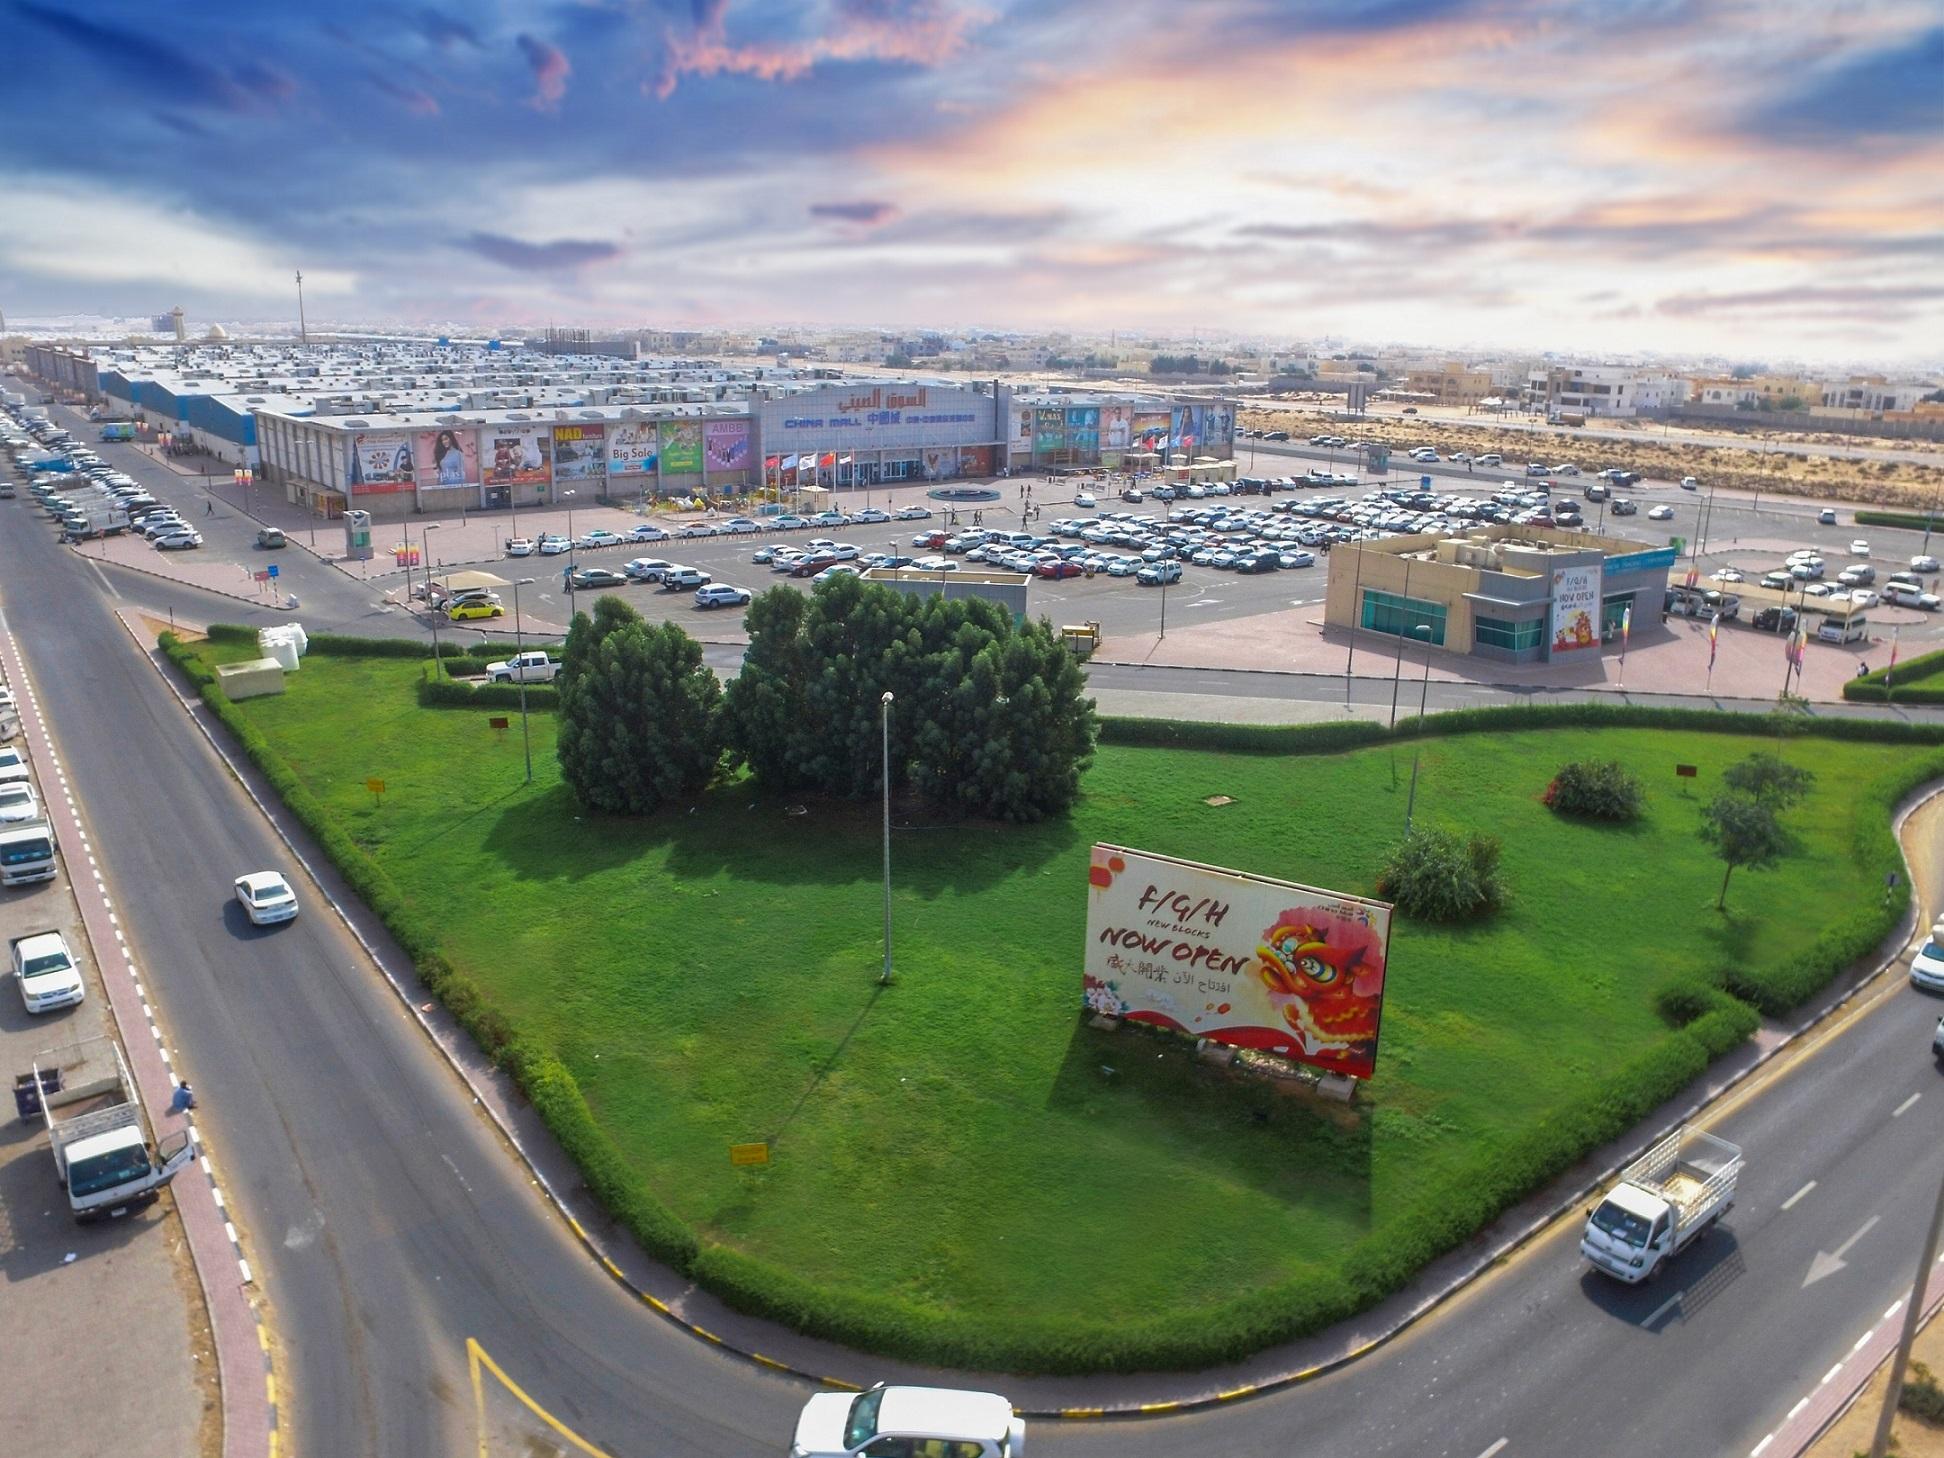 منطقة السوق الصيني في إمارة عجمان